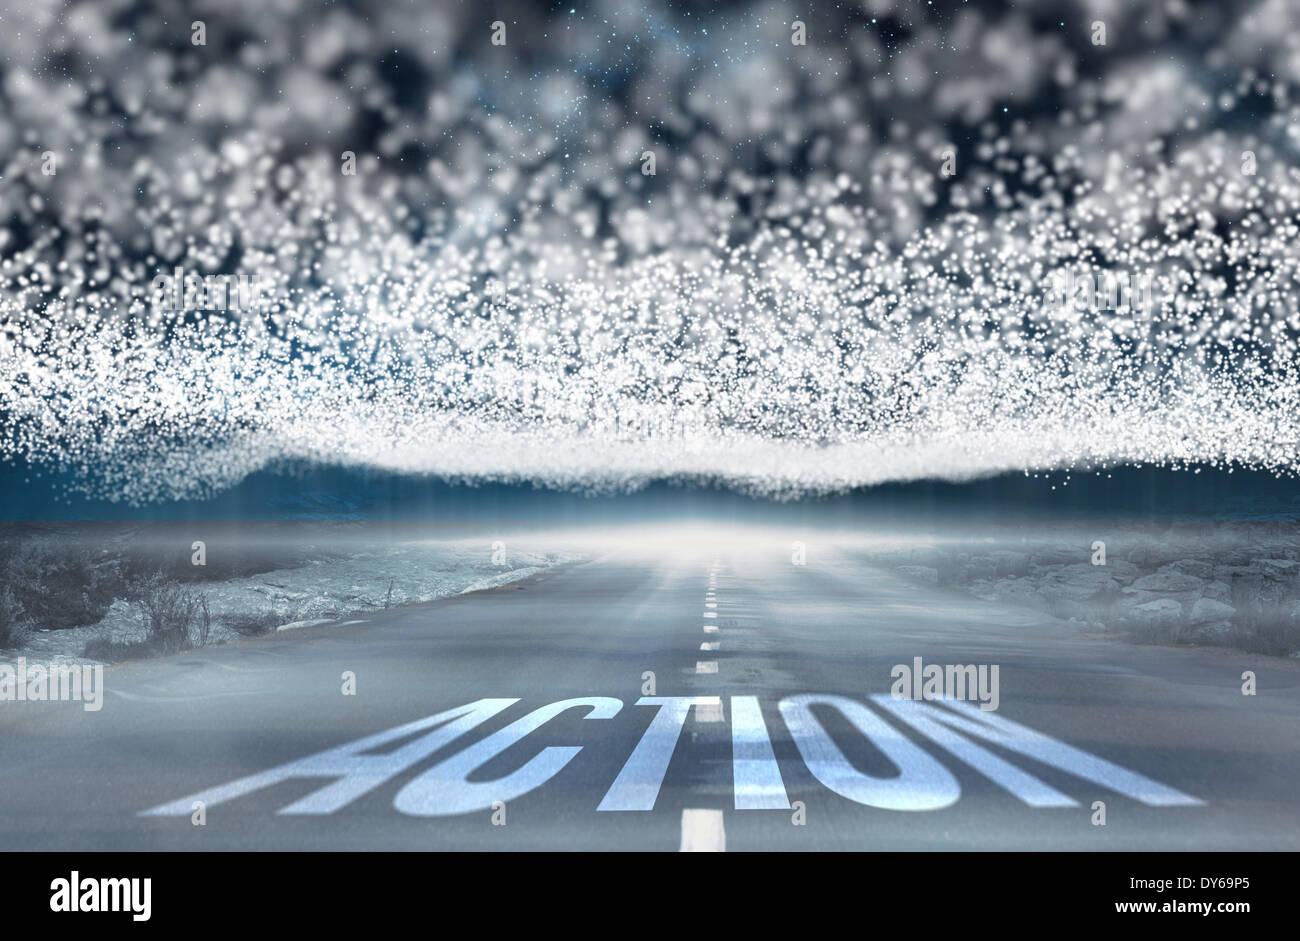 Aktion gegen helle Sterne Energie über Landschaft Stockfoto